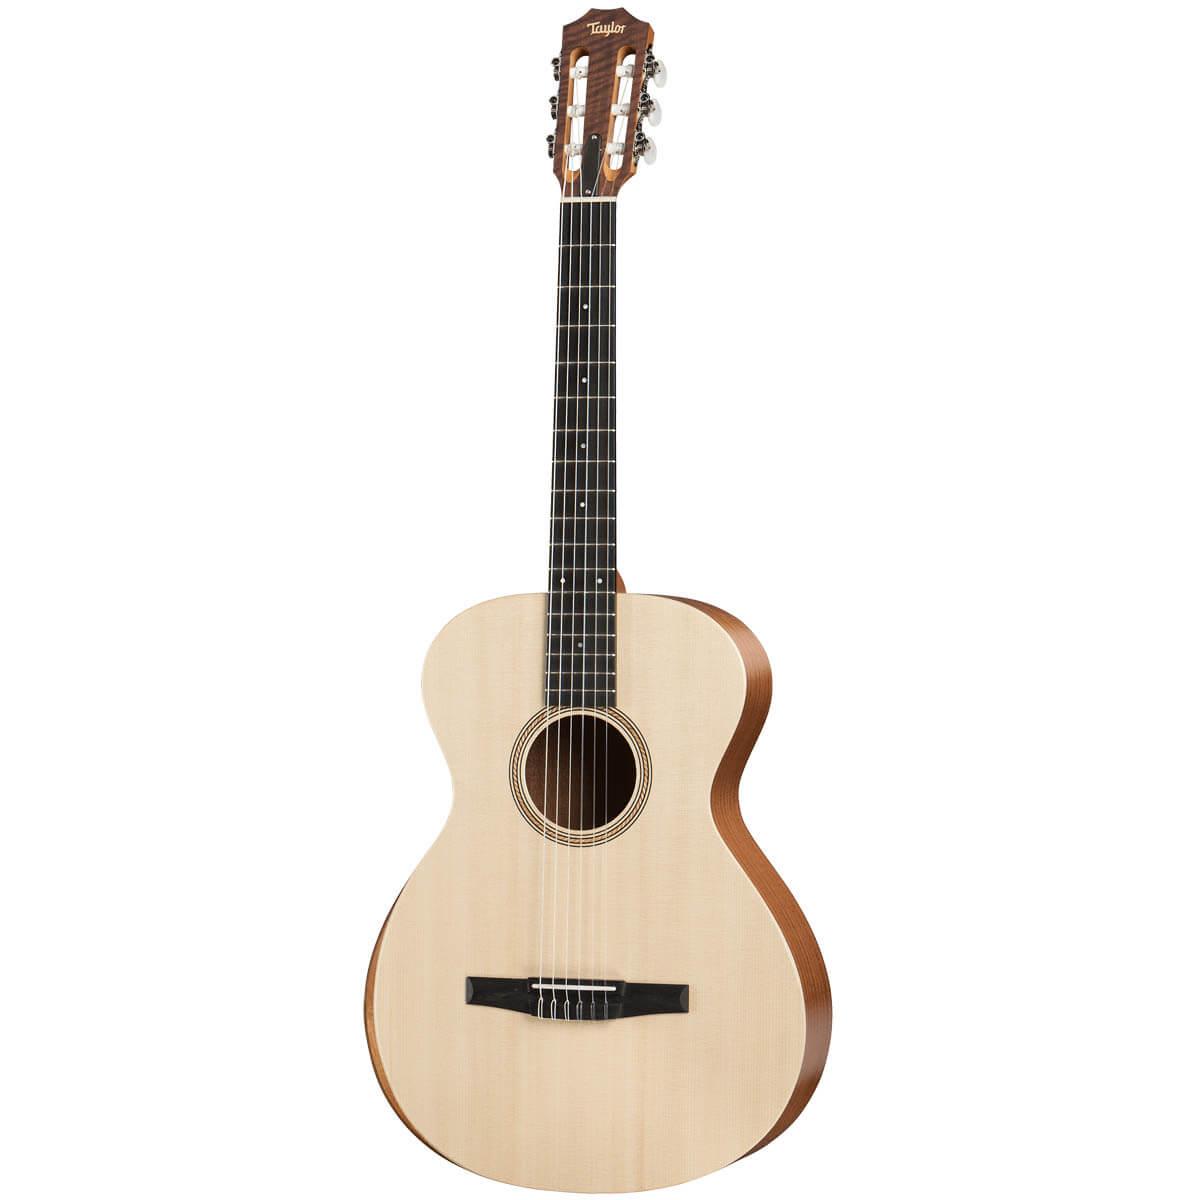 Taylor Academy 12e-N spansk guitar